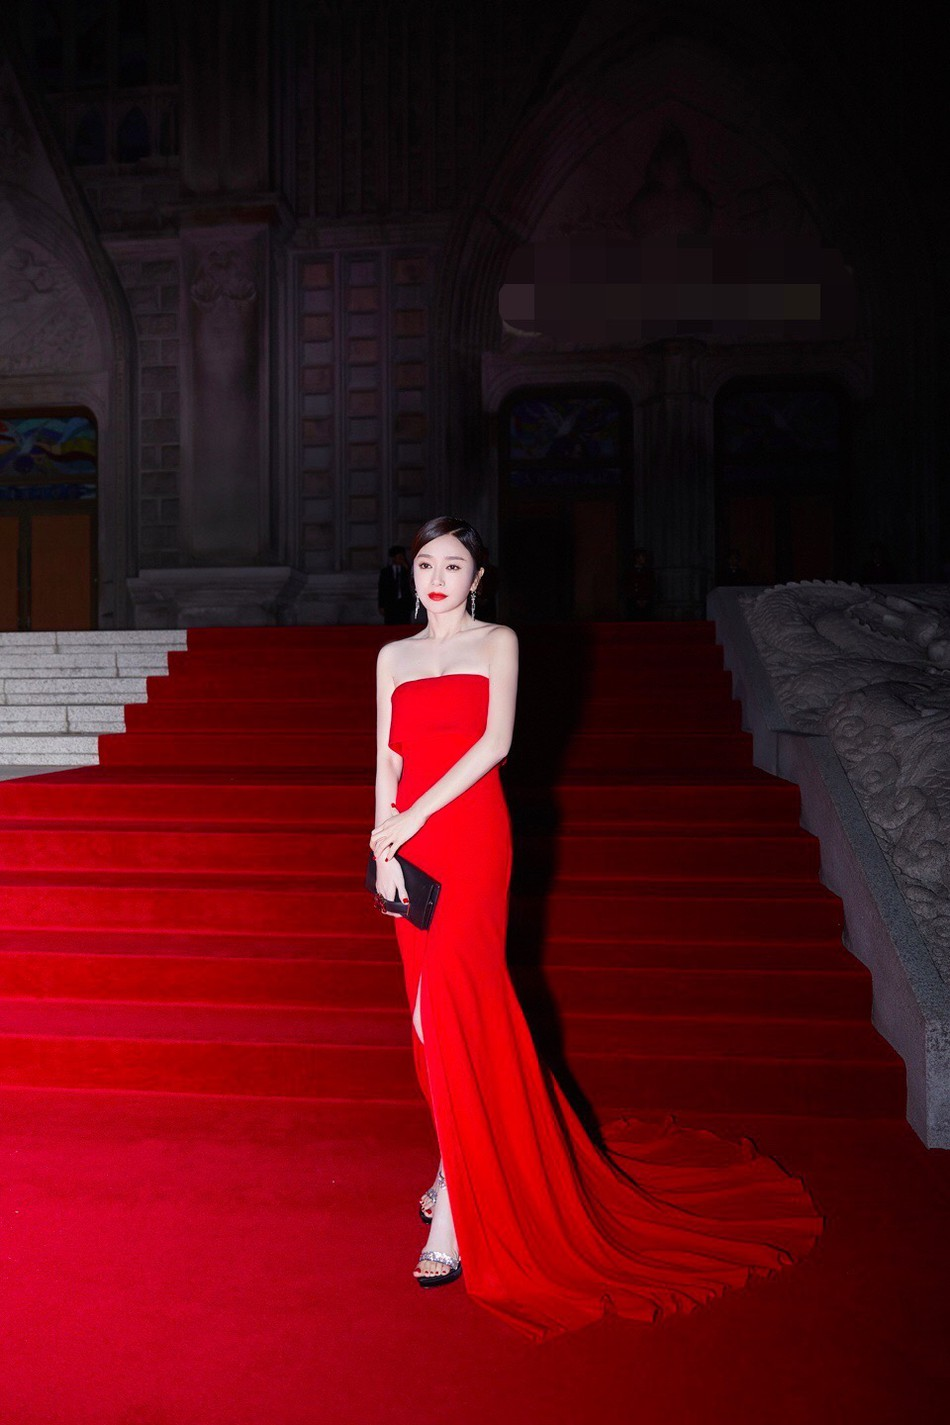 Hoàng Hậu Tần Lam khoe sắc vóc ngọc ngà, vòng 1 e ấp tại thảm đỏ sự kiện Hàn Quốc - Ảnh 3.